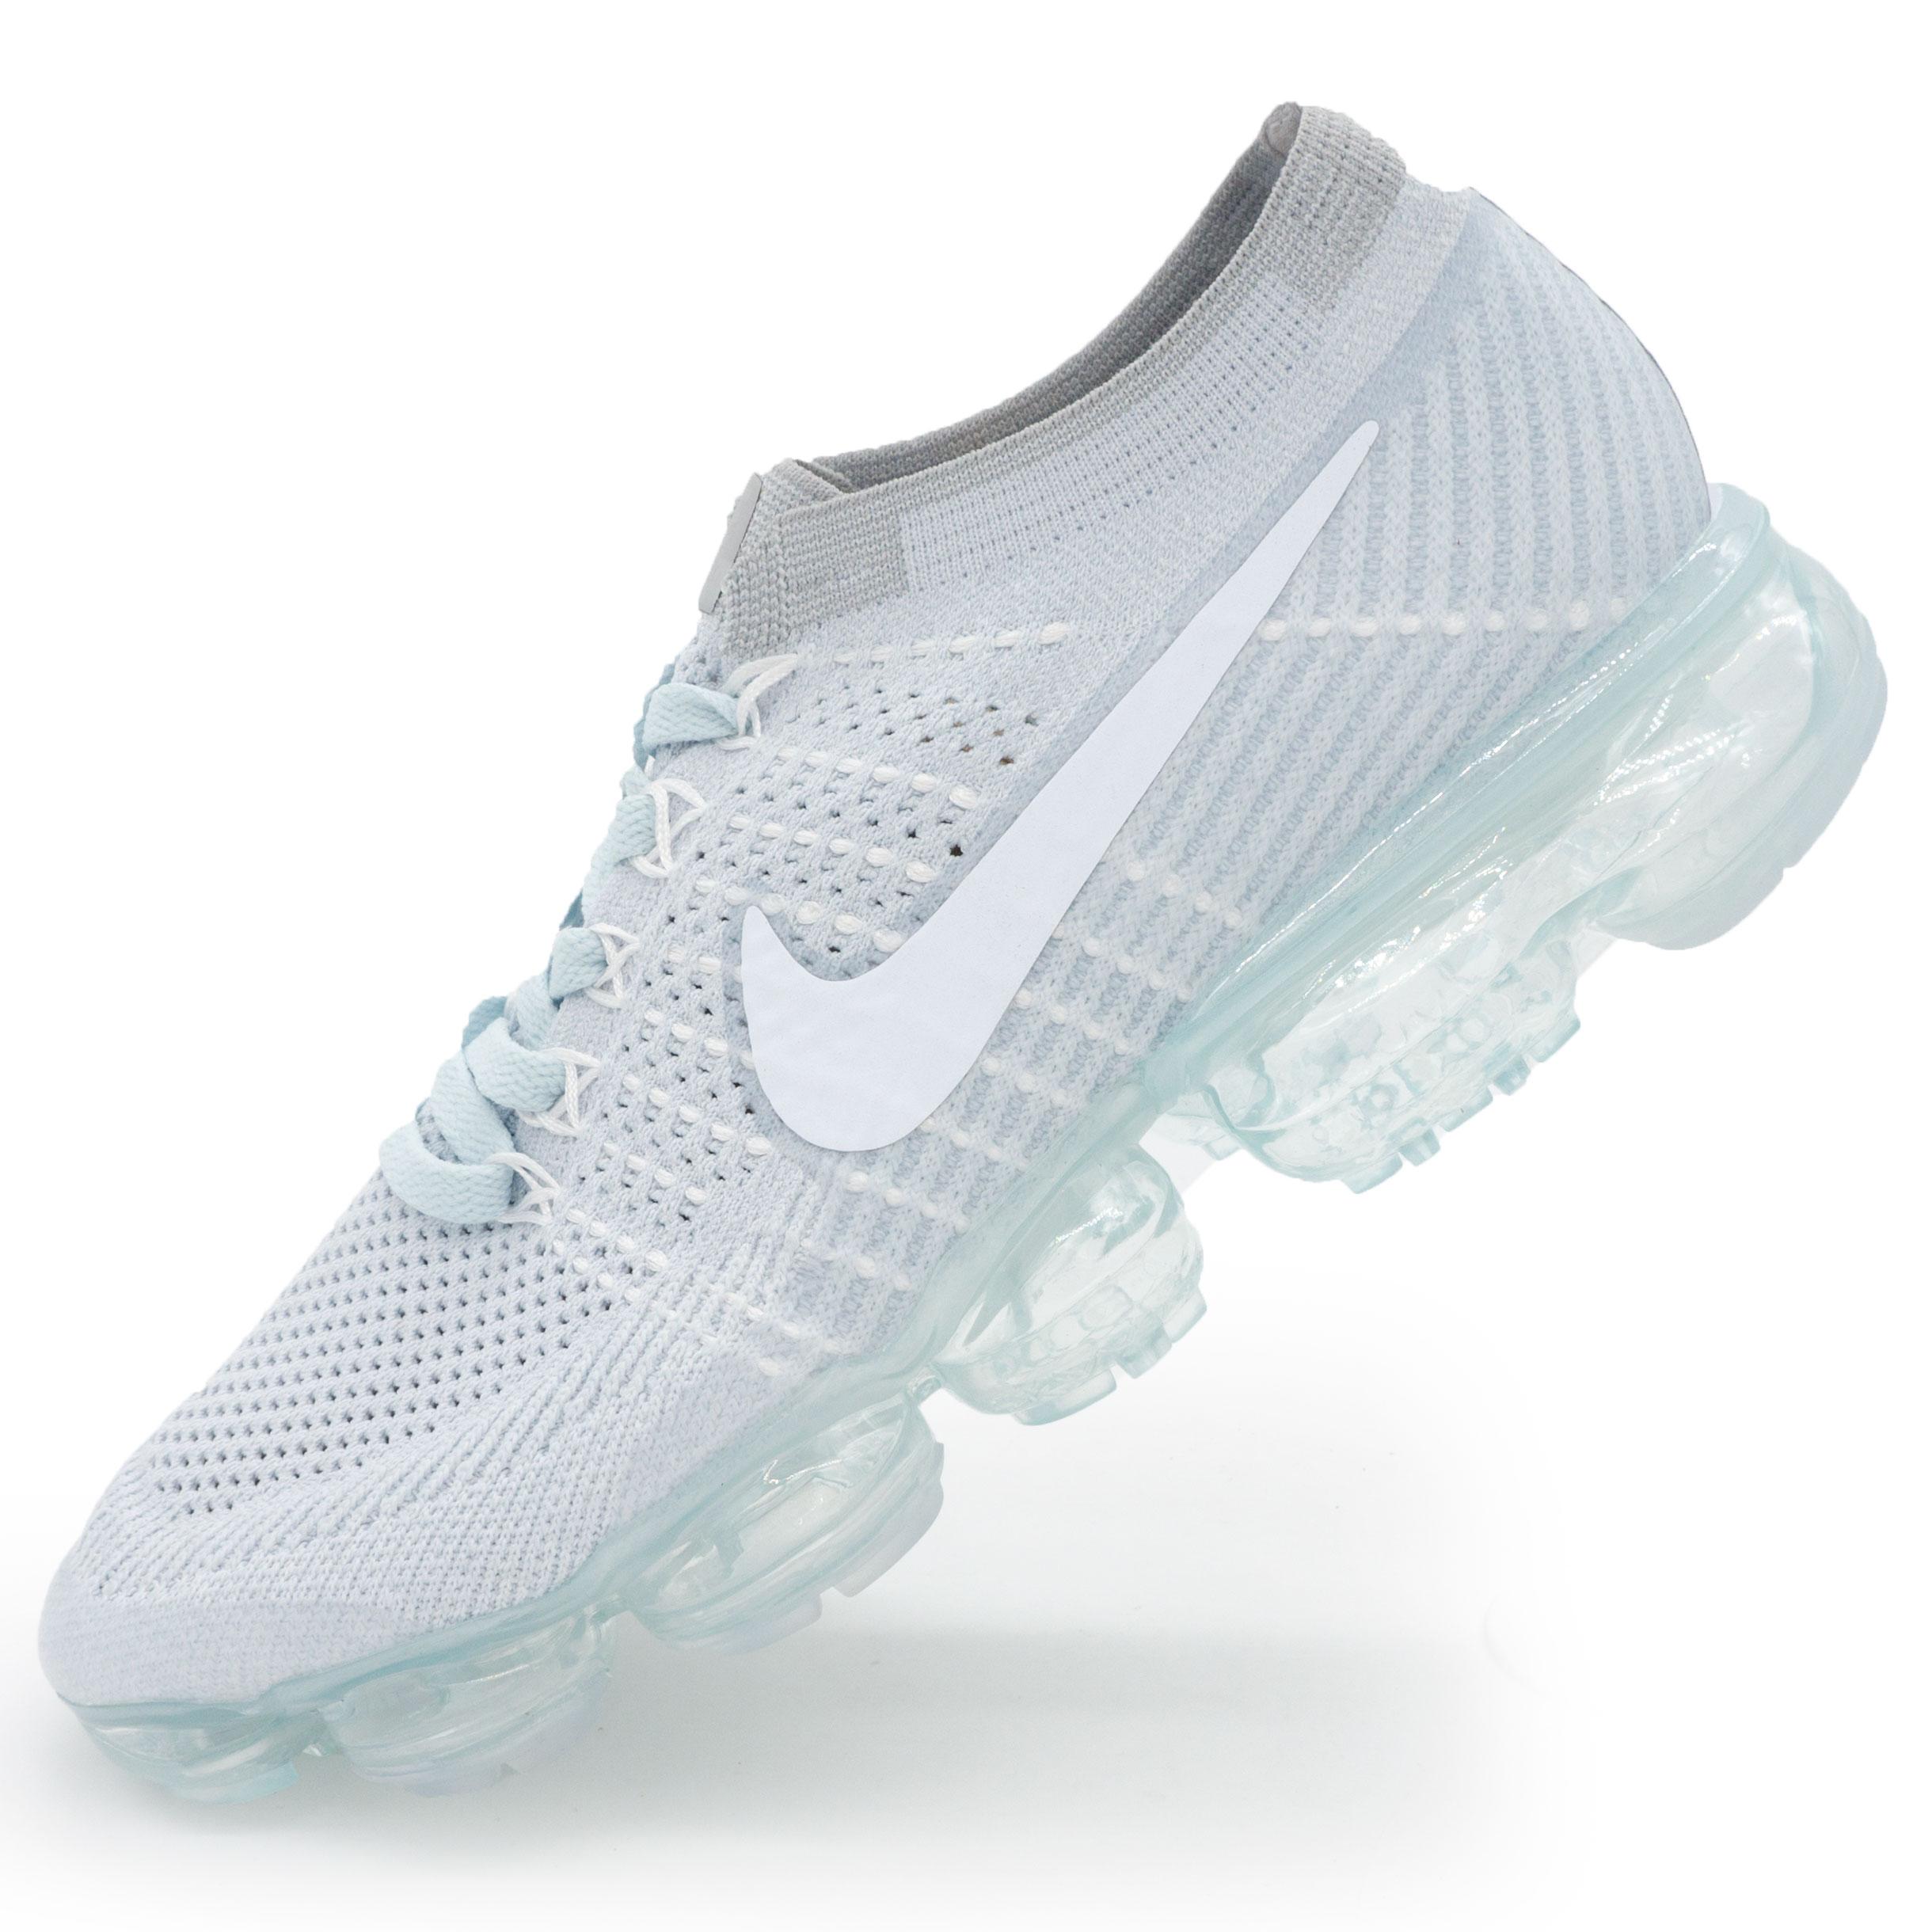 ff63b7ef Топ качество! фото main Кроссовки для бега Nike Air VaporMax светло серые.